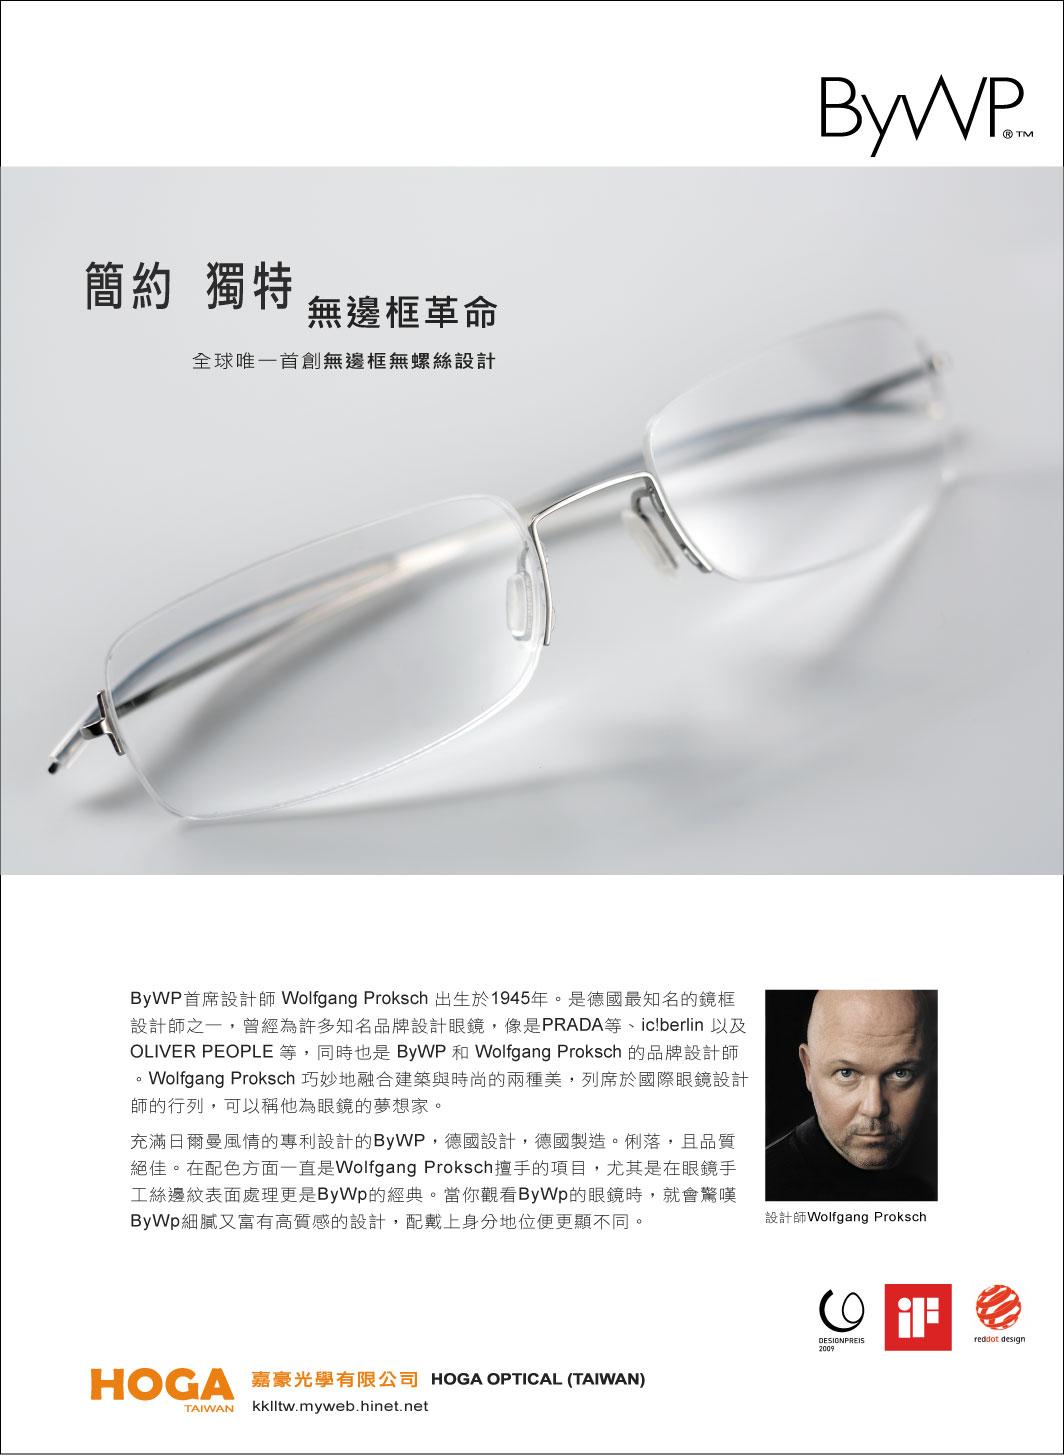 廣告稿2.jpg